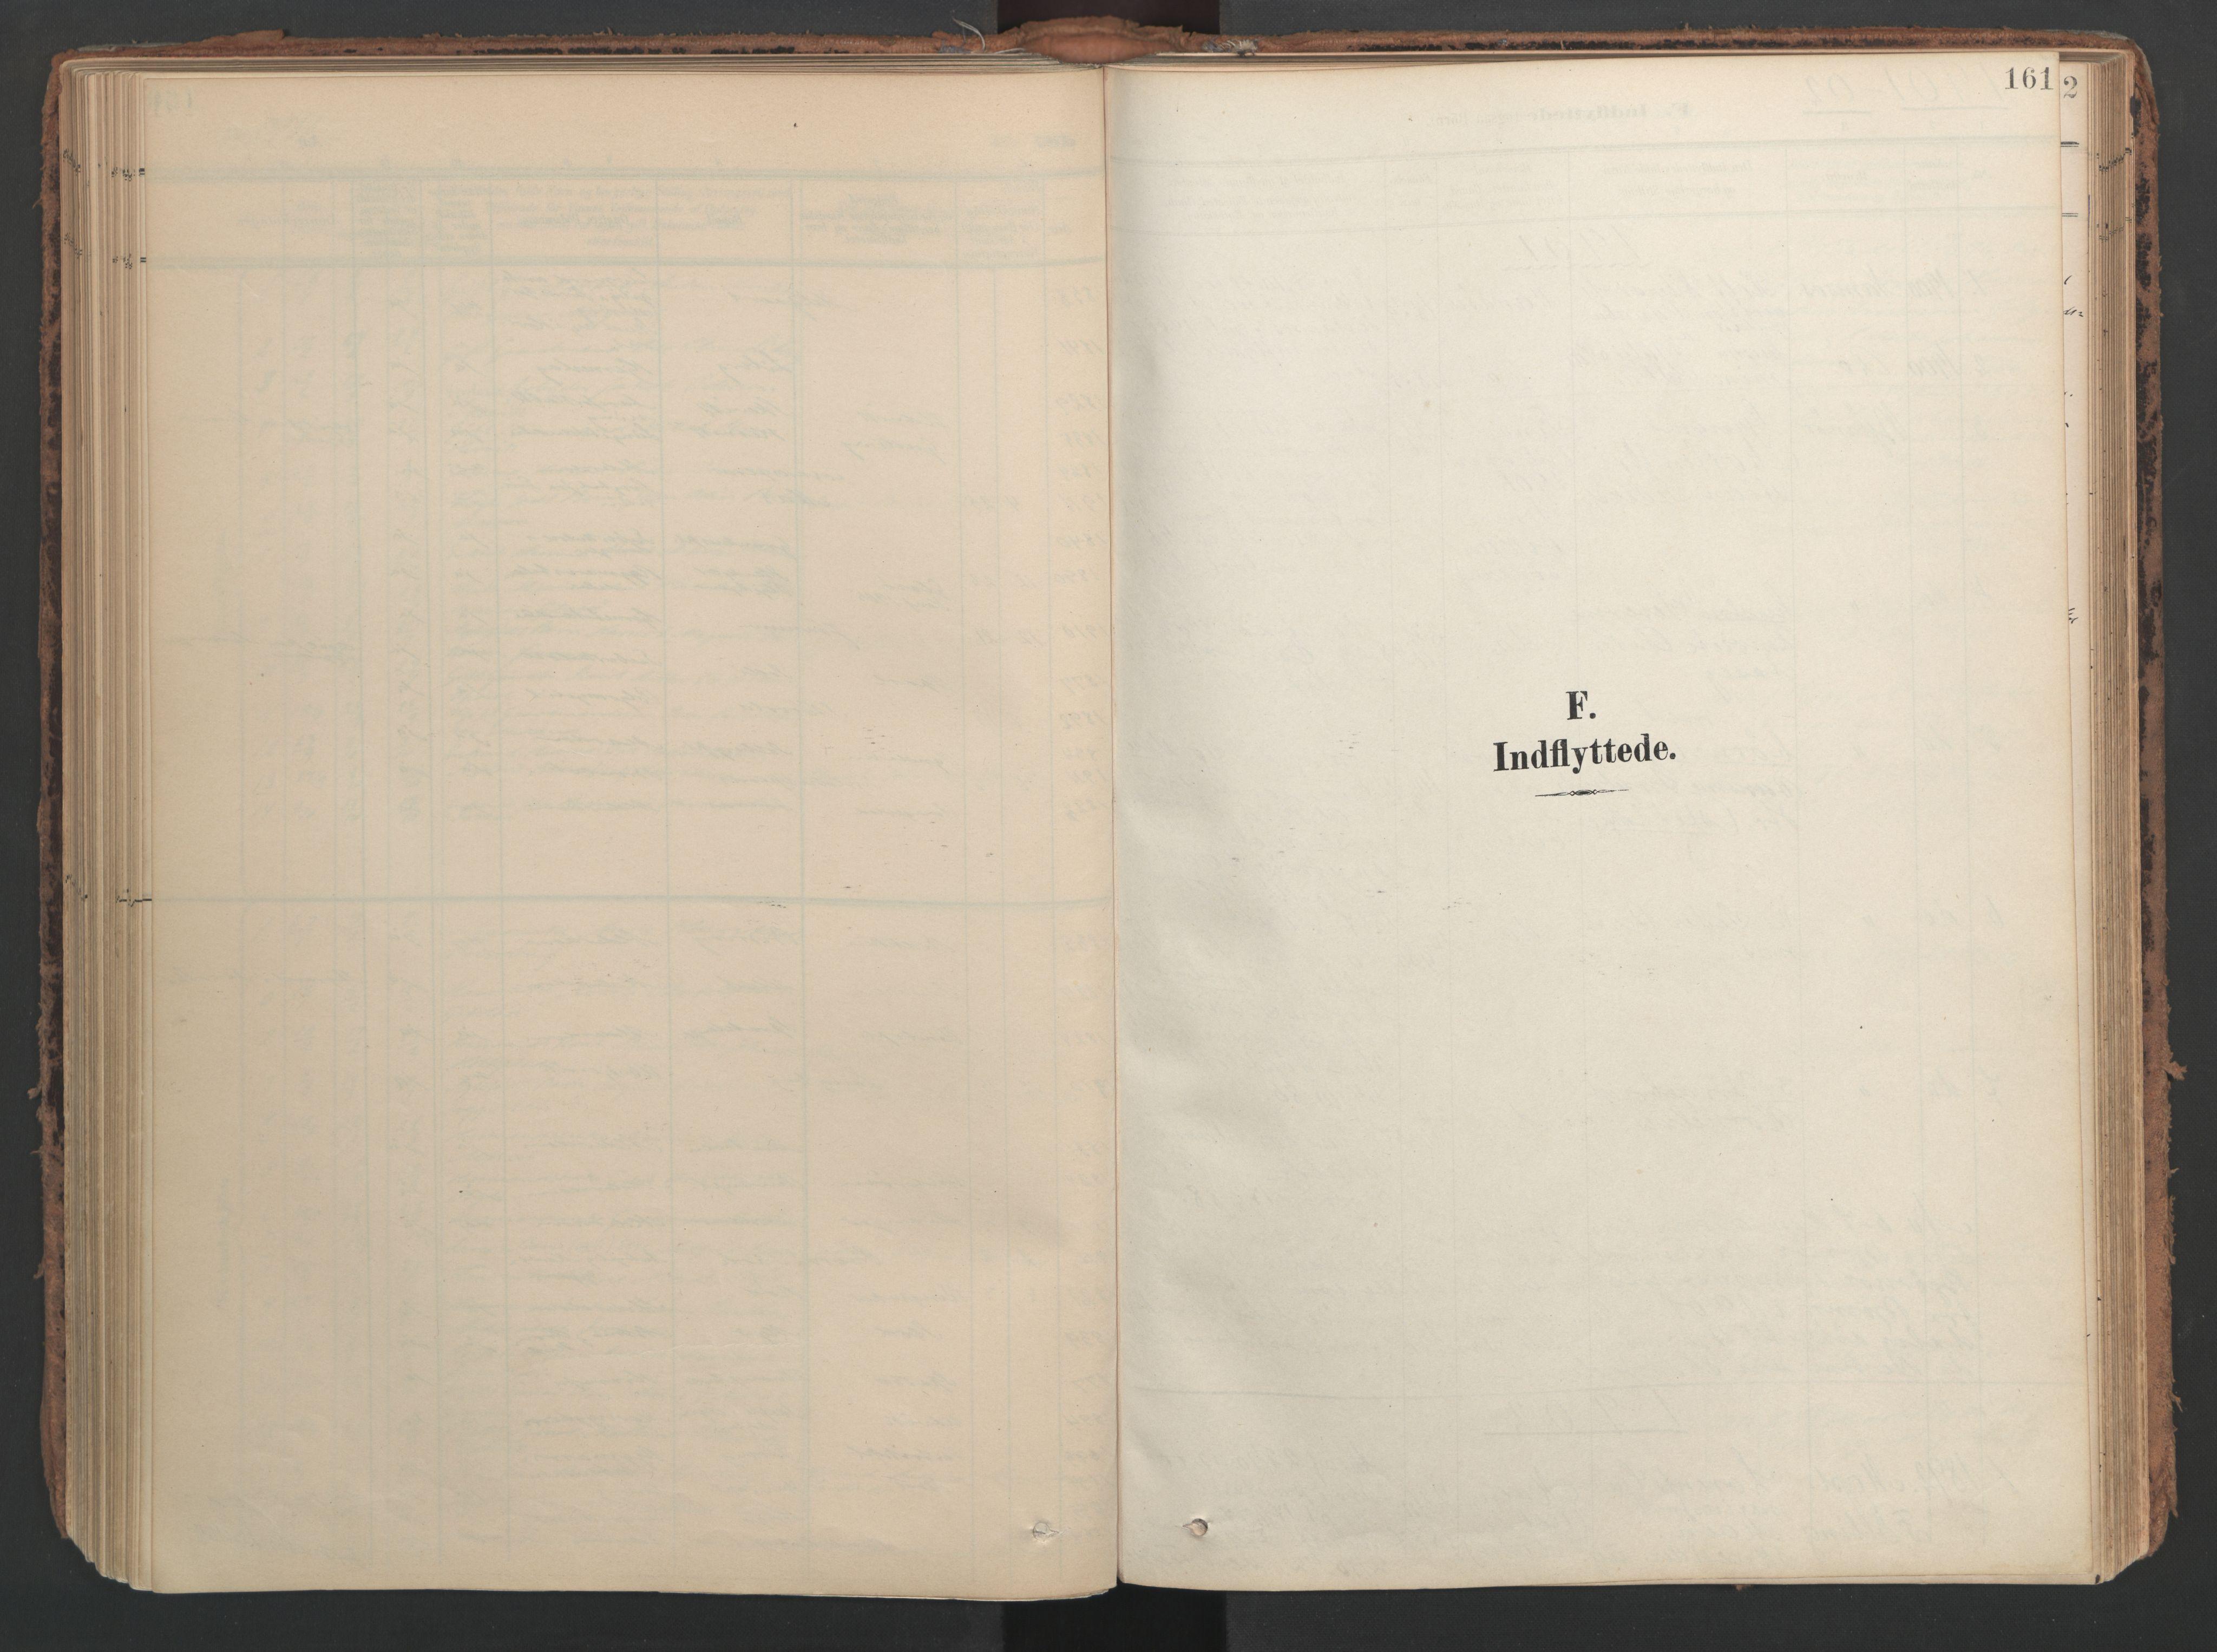 SAT, Ministerialprotokoller, klokkerbøker og fødselsregistre - Nord-Trøndelag, 741/L0397: Ministerialbok nr. 741A11, 1901-1911, s. 161